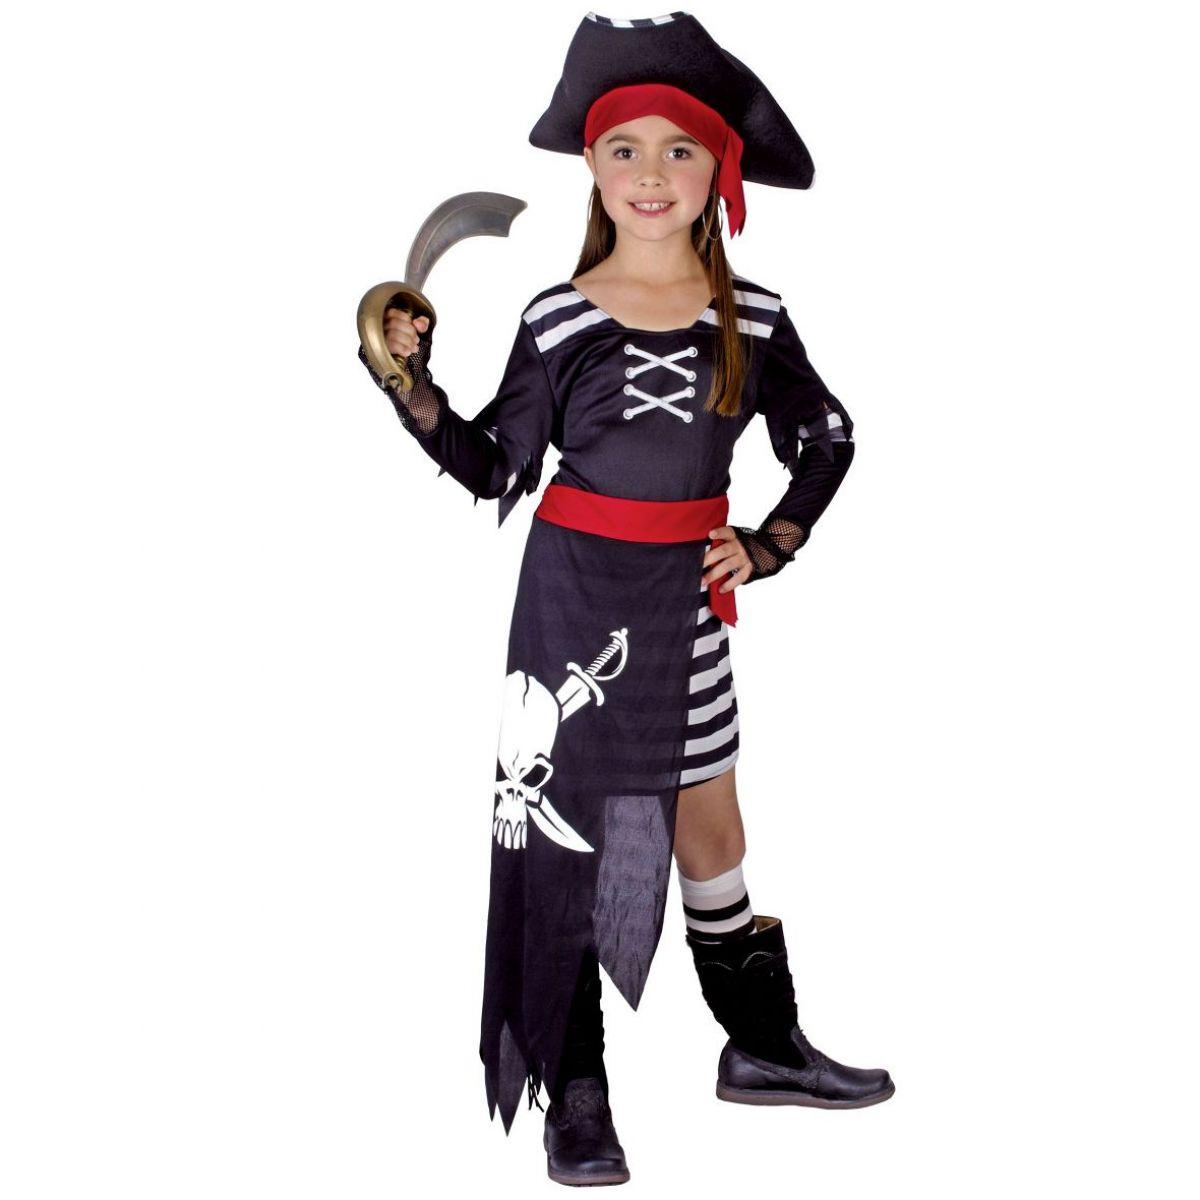 Made Dětský kostým Pirátka 110-120cm